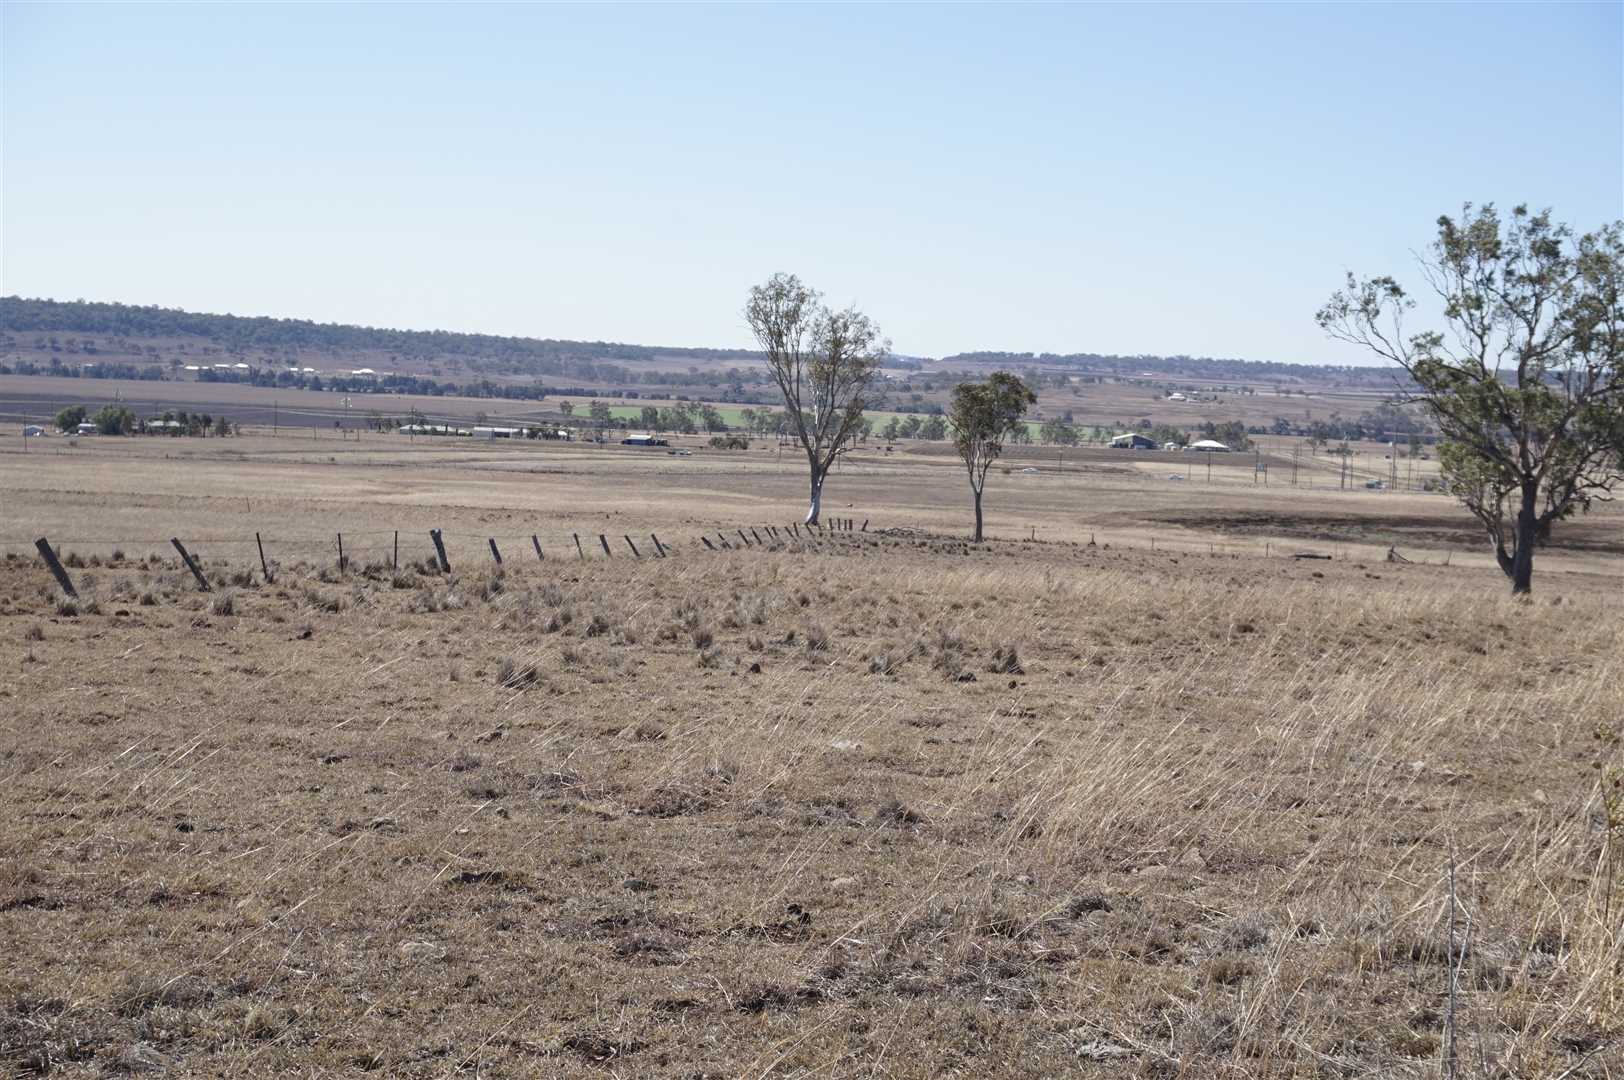 North West Views